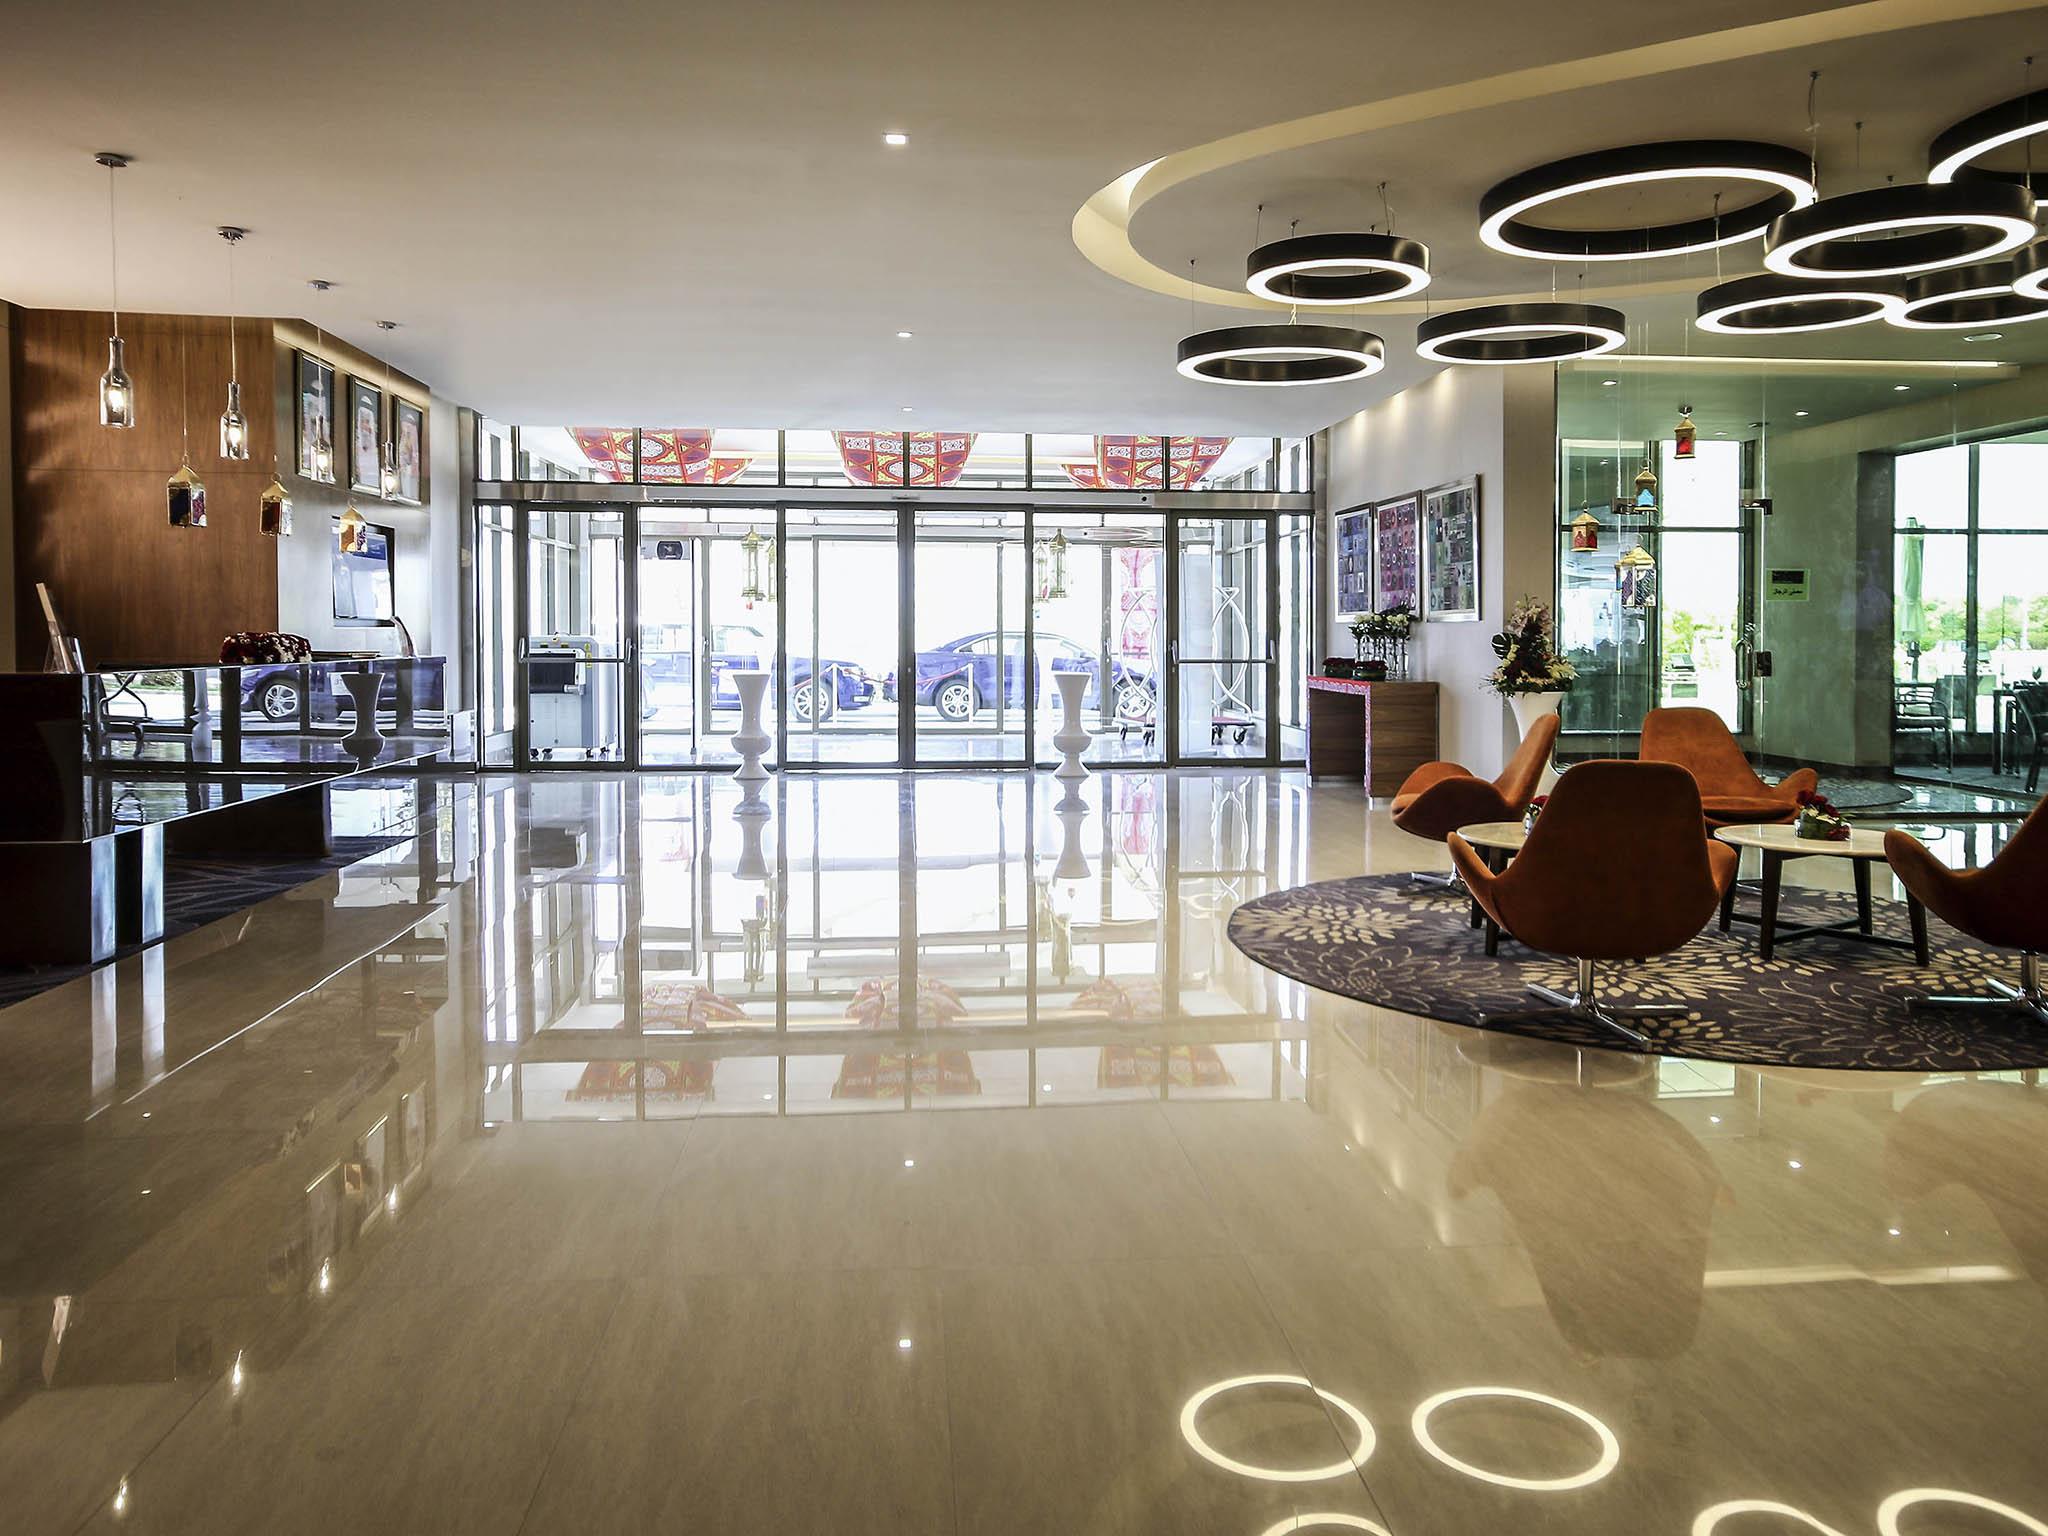 فندق - فندق نوفوتيل Novotel ينبع